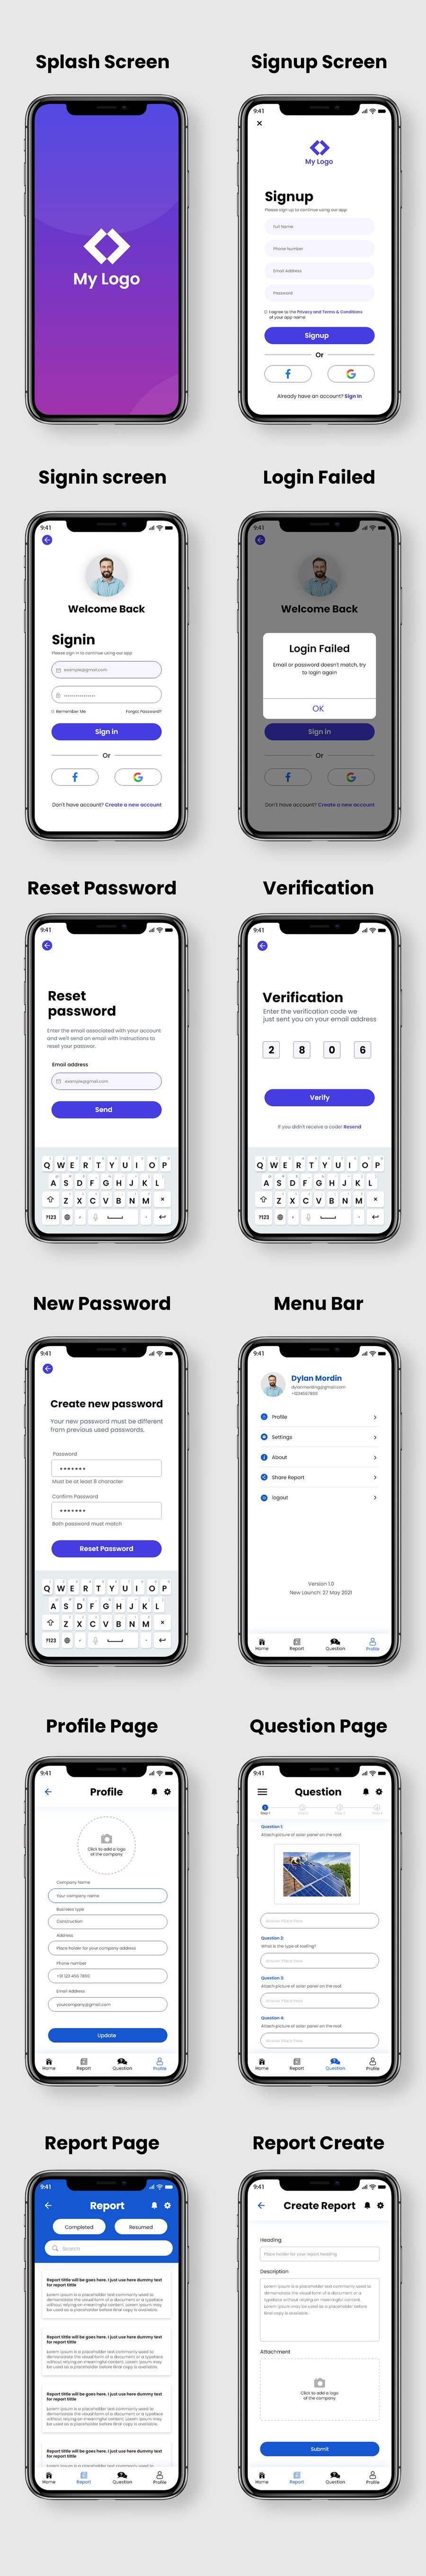 Penyertaan Peraduan #                                        37                                      untuk                                         Design me a Mobile App